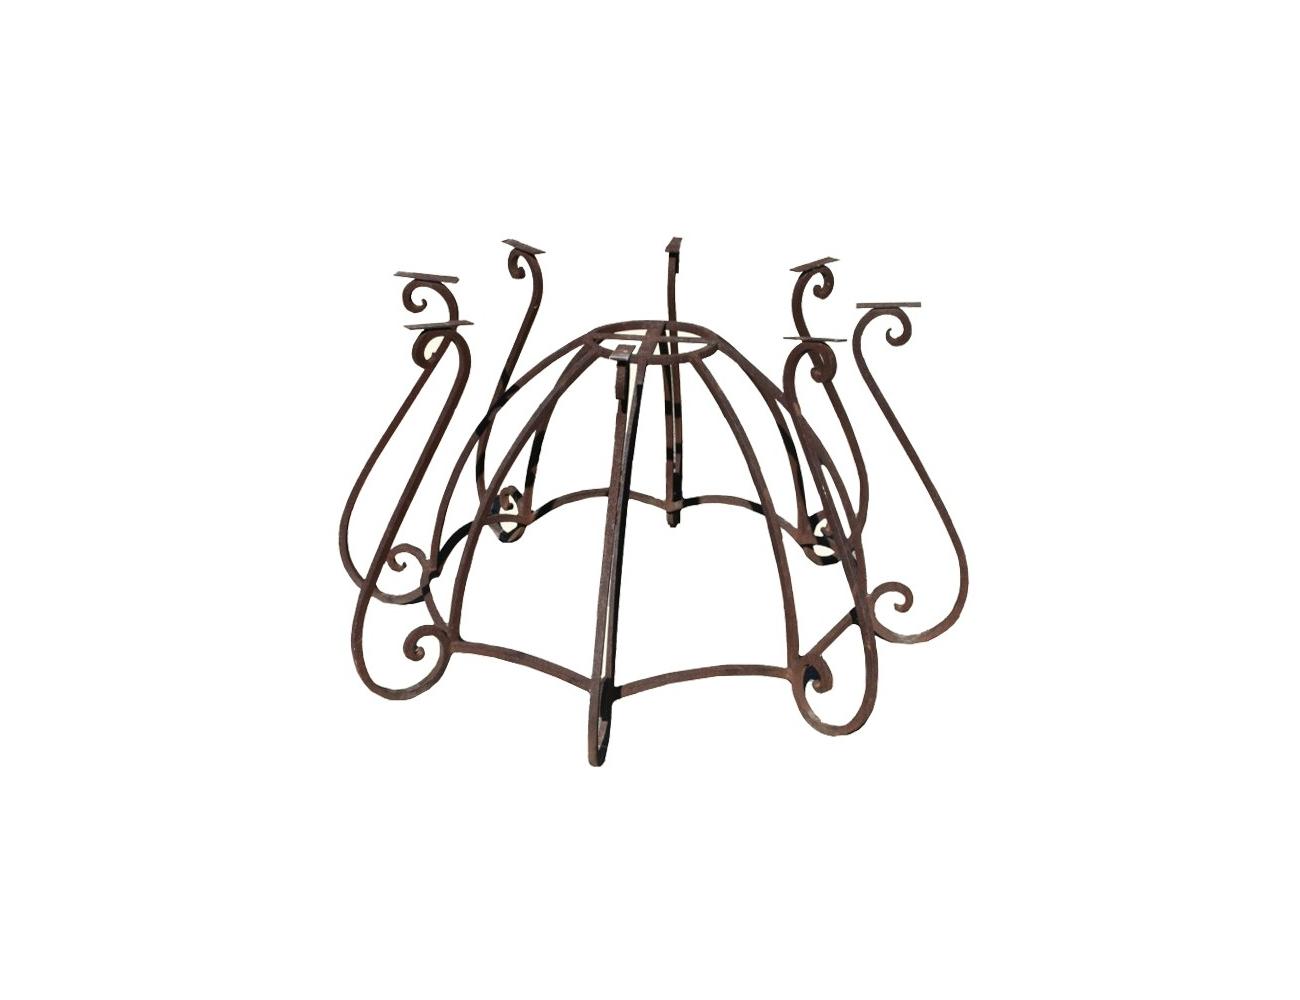 Pie de mesa redonda de hierro forjado - Colgadores de hierro forjado ...